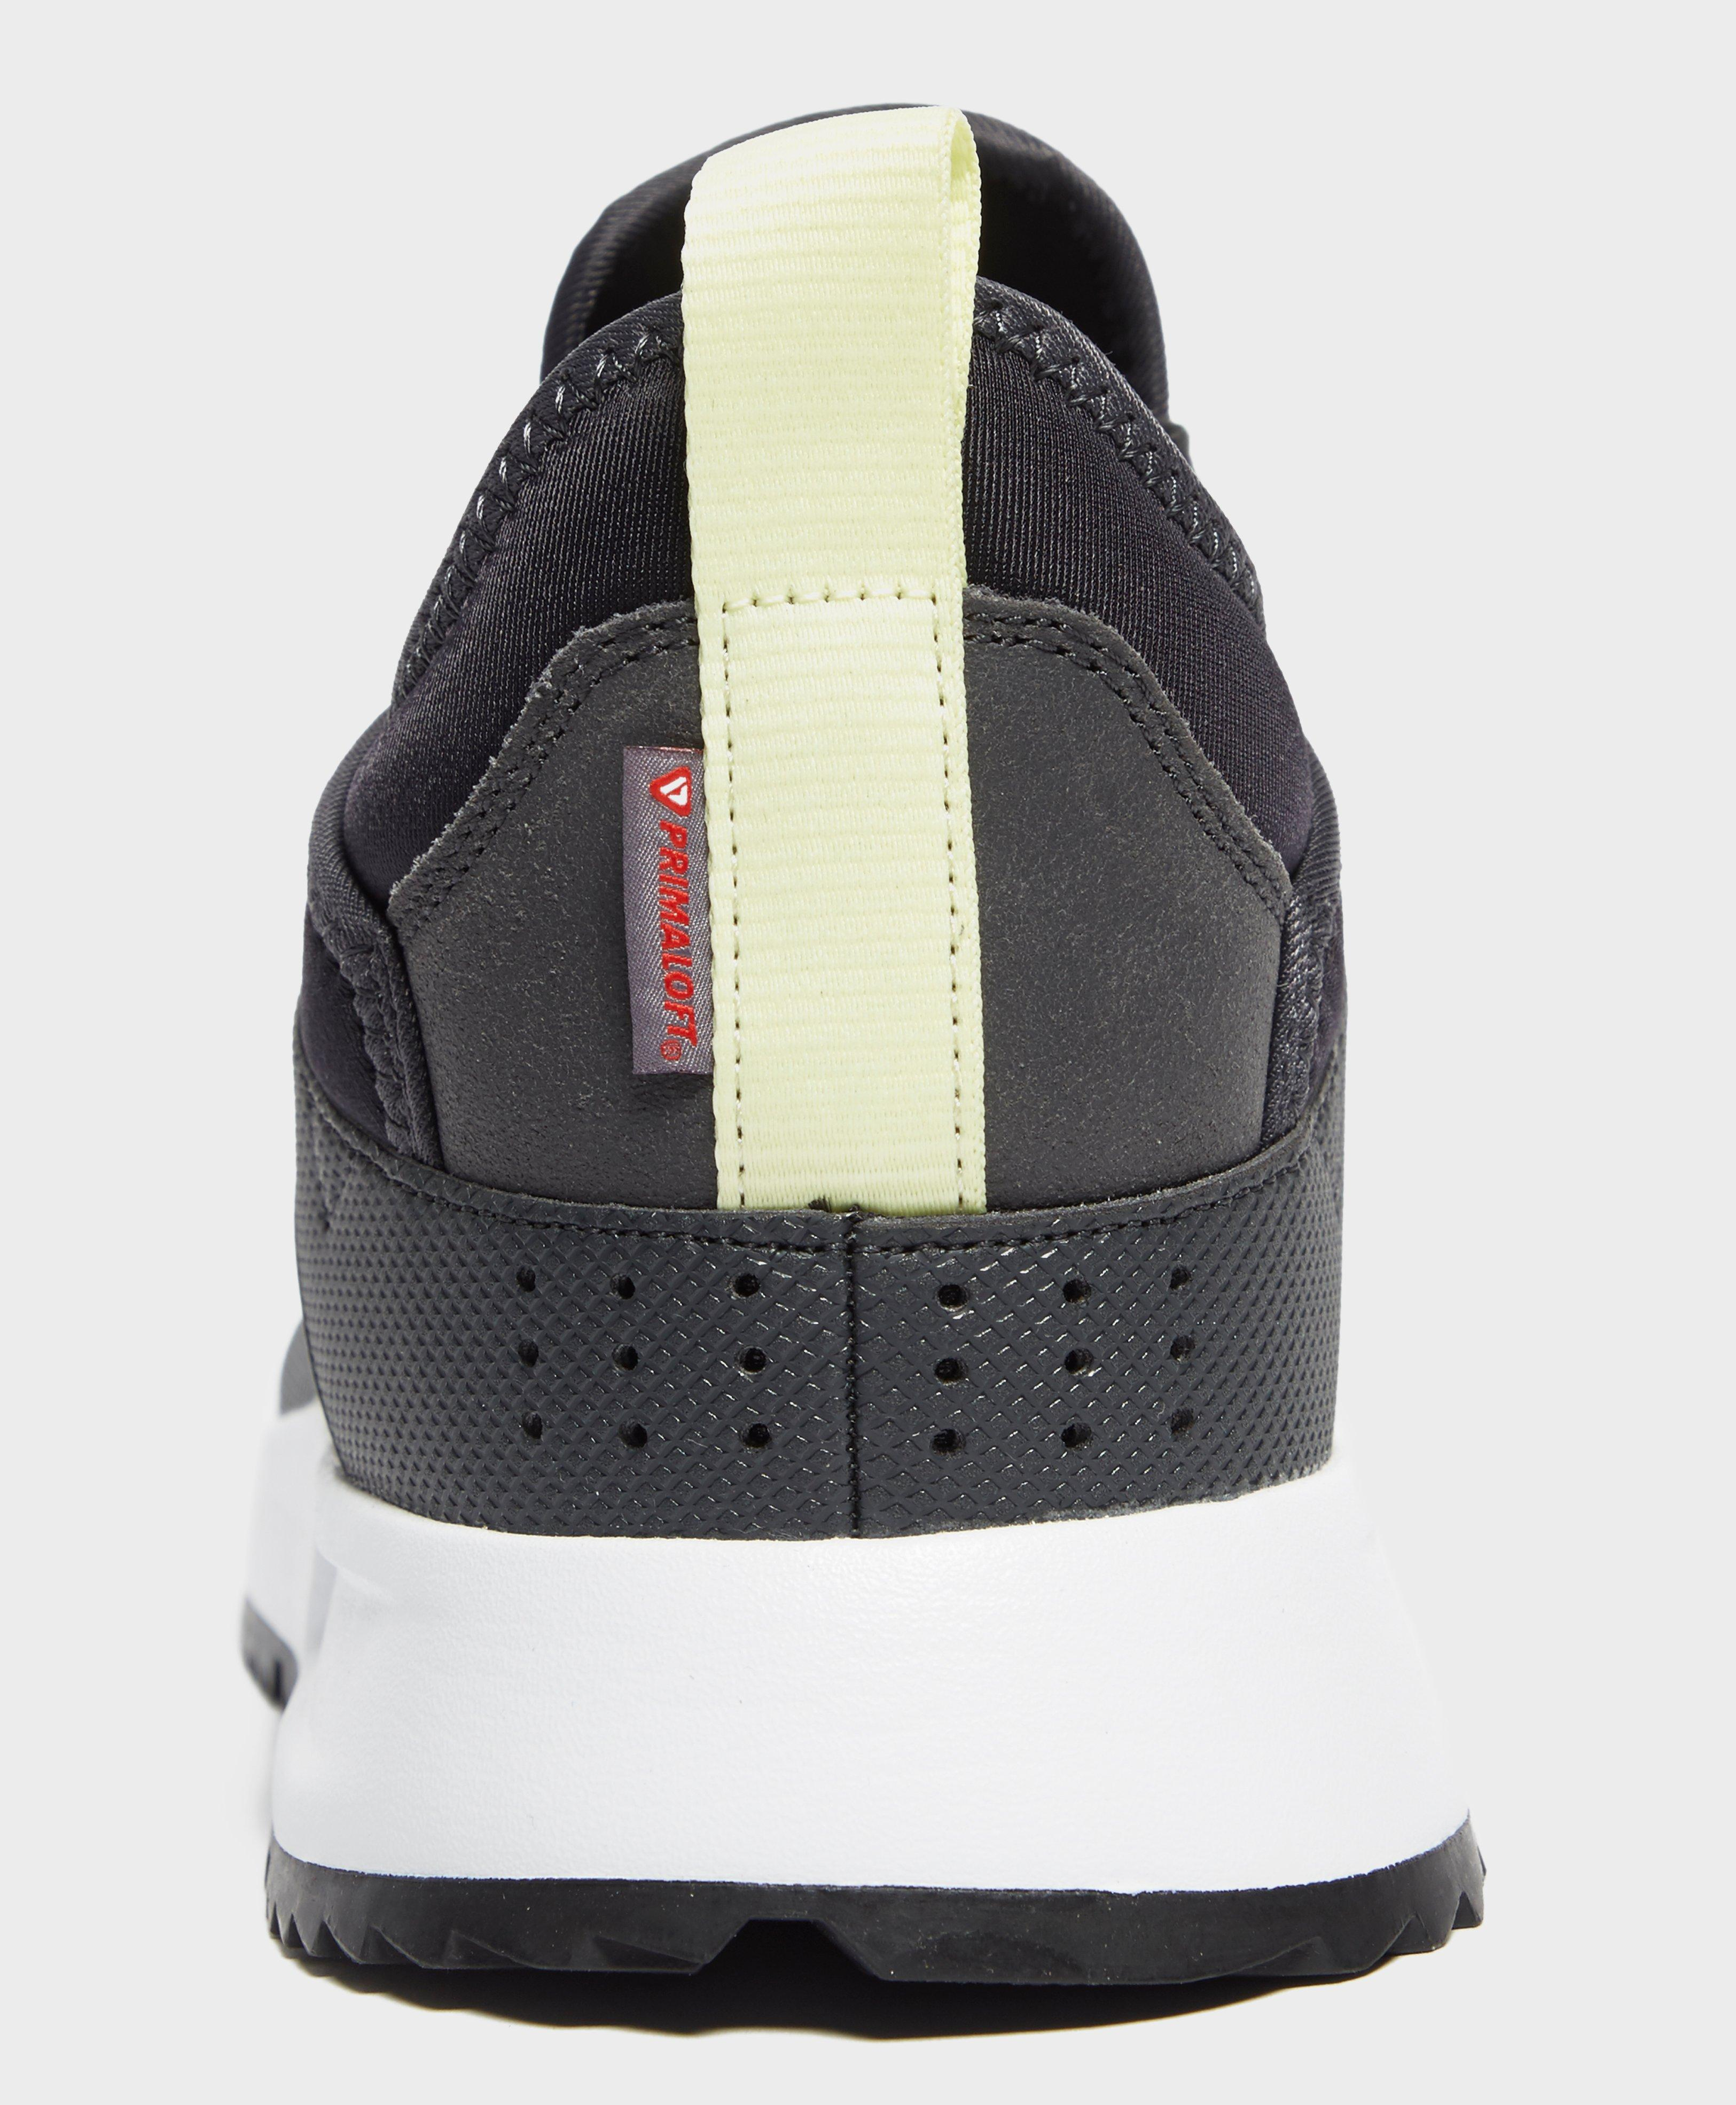 Adidas originali xplr sneakerboot in nero per gli uomini lyst